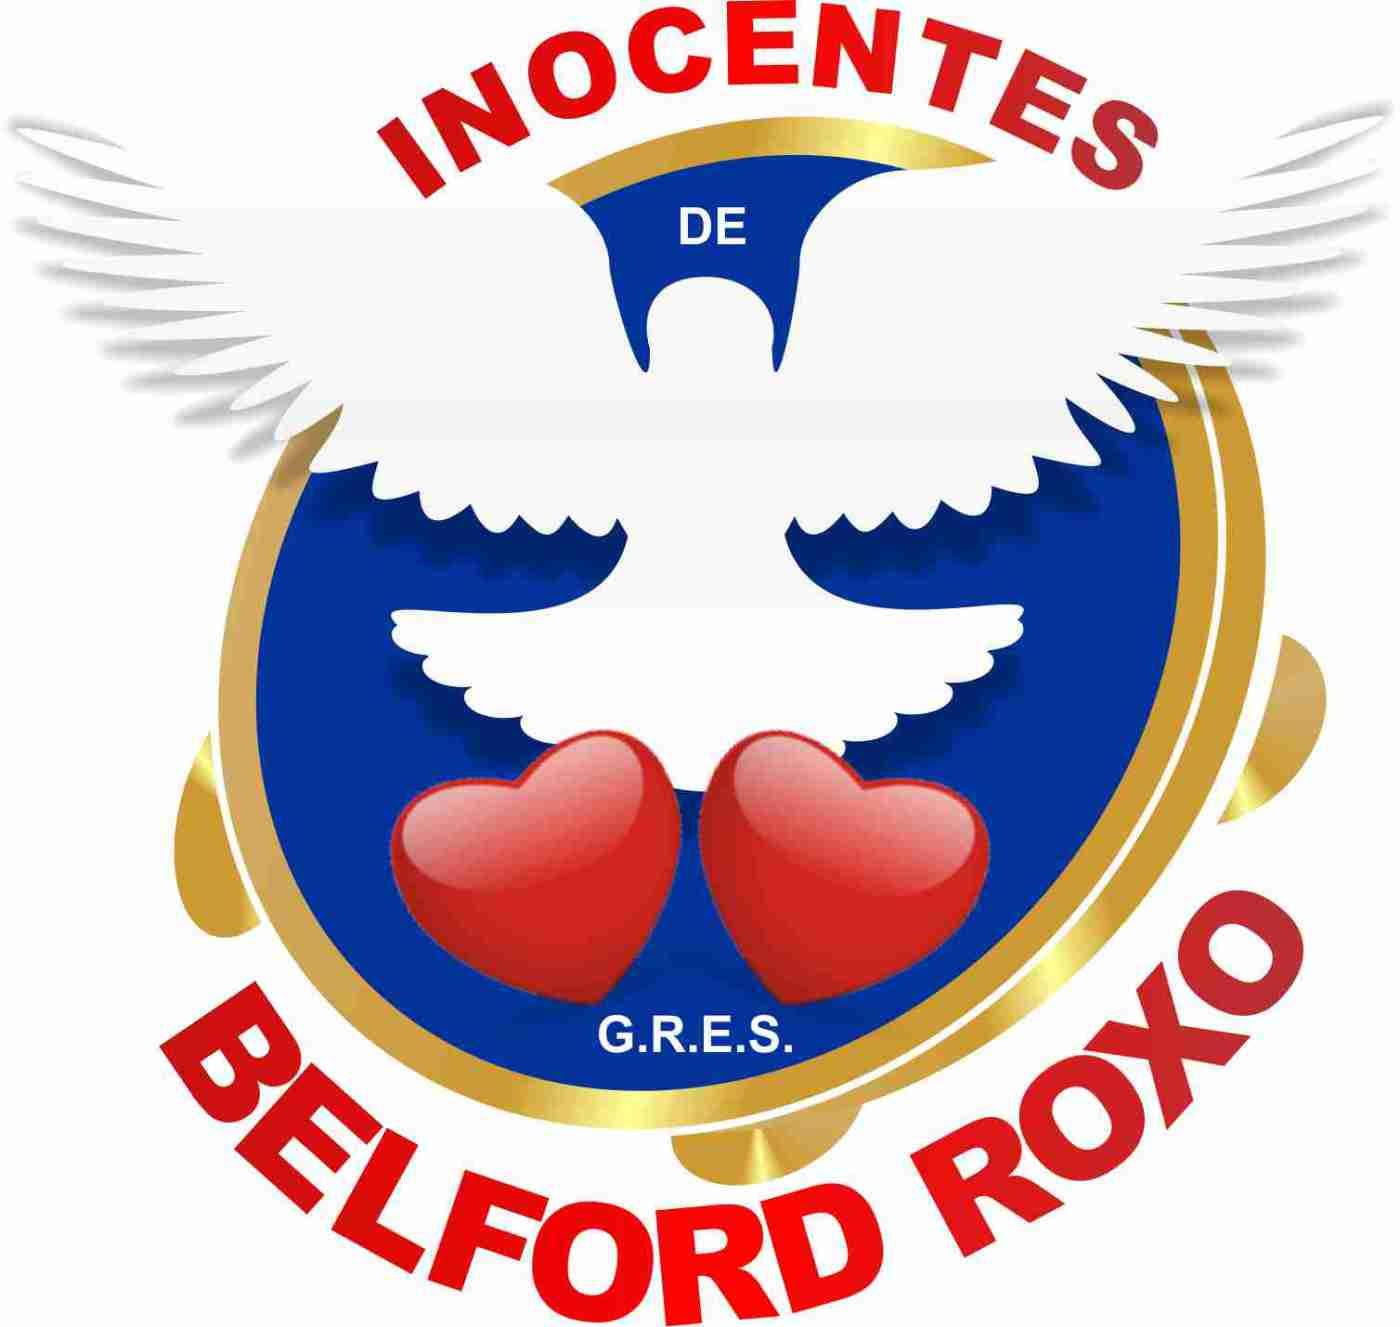 Inocentes de Belford Roxo